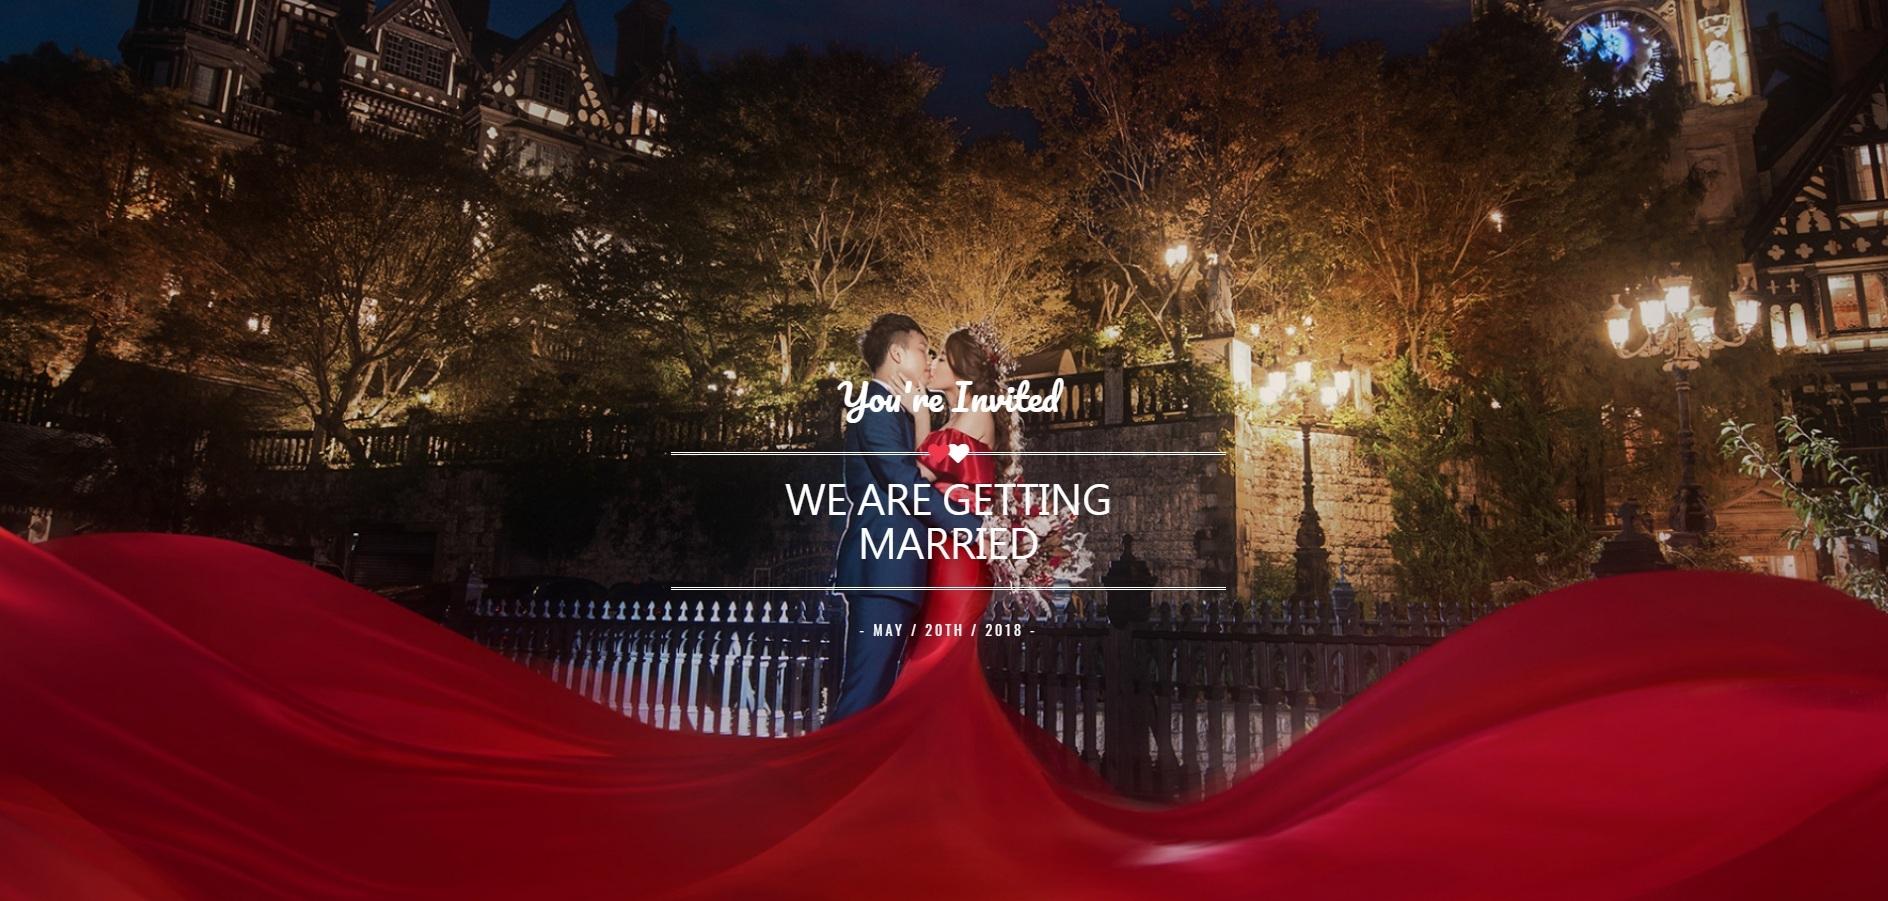 電子喜帖,婚禮網站,可艾婚禮,喜帖設計,喜帖推薦,喜帖,2018喜帖,客製喜帖,ijwedding愛結婚,婚禮出席問卷